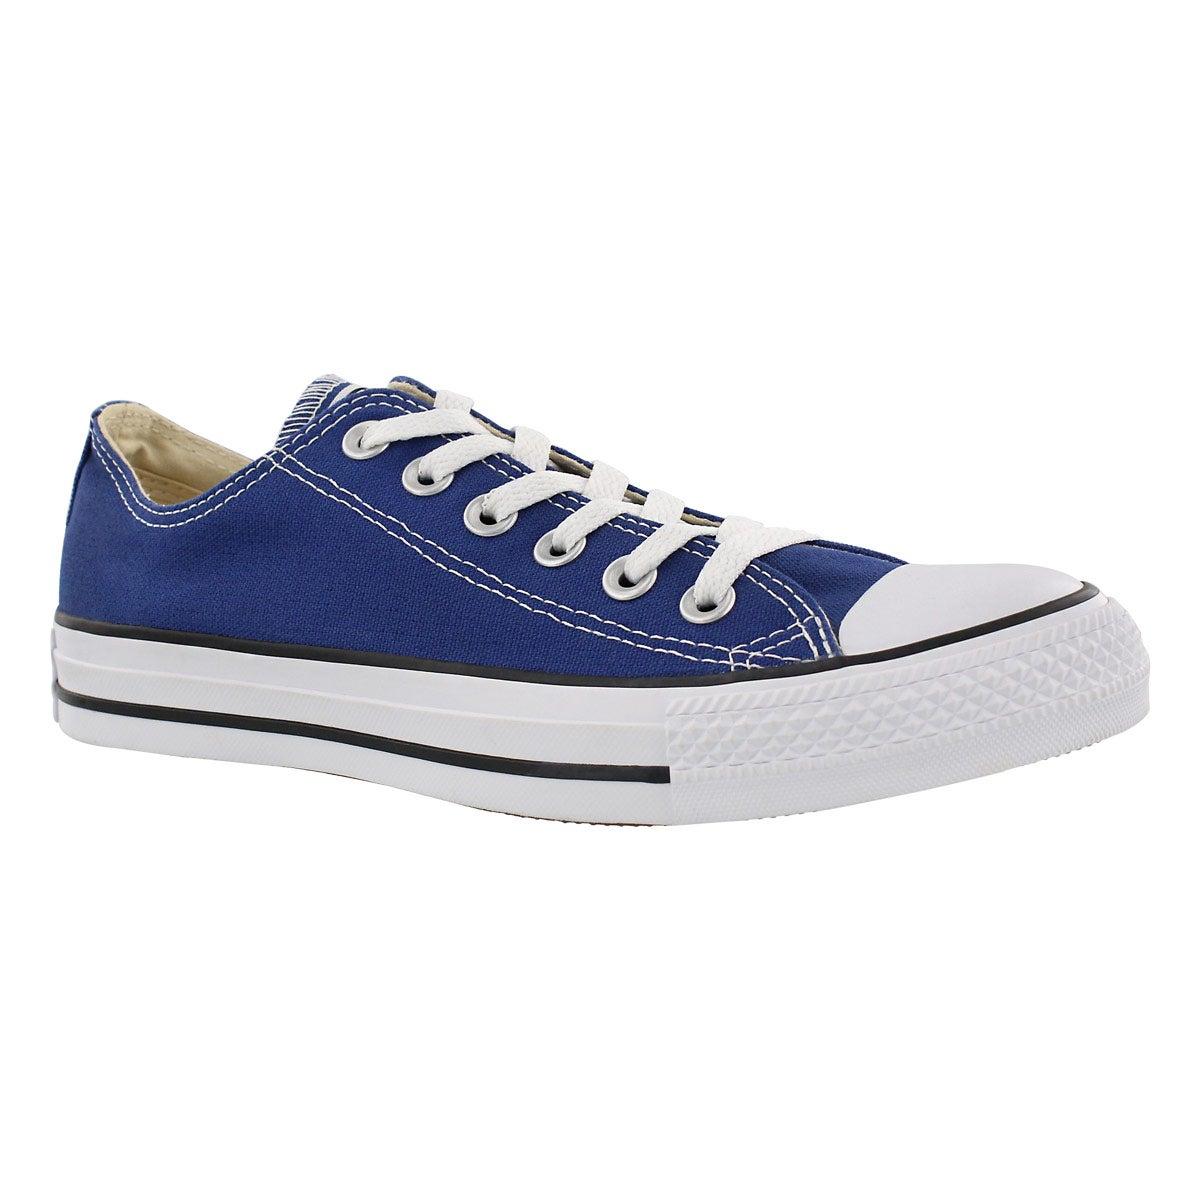 Women's CT ALL STAR SEASONAL roadtrip blu sneakers